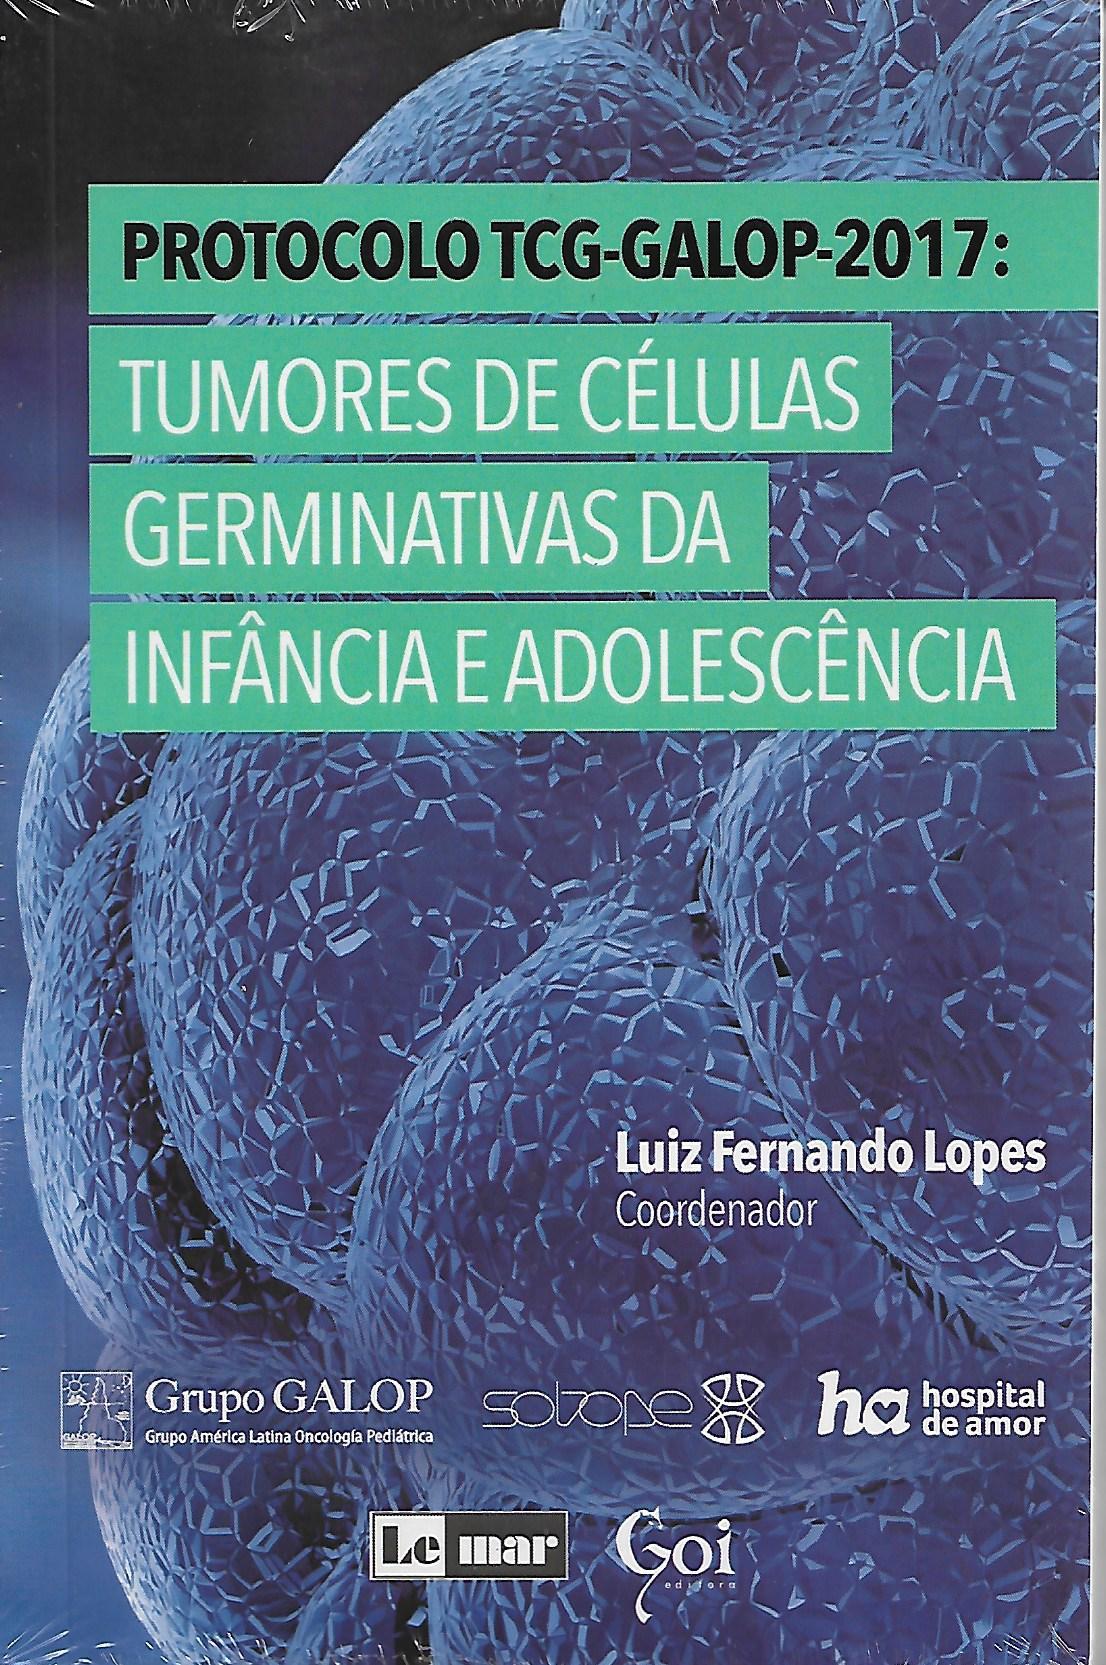 Tumores de Células Germinativas da Infância e Adolescência